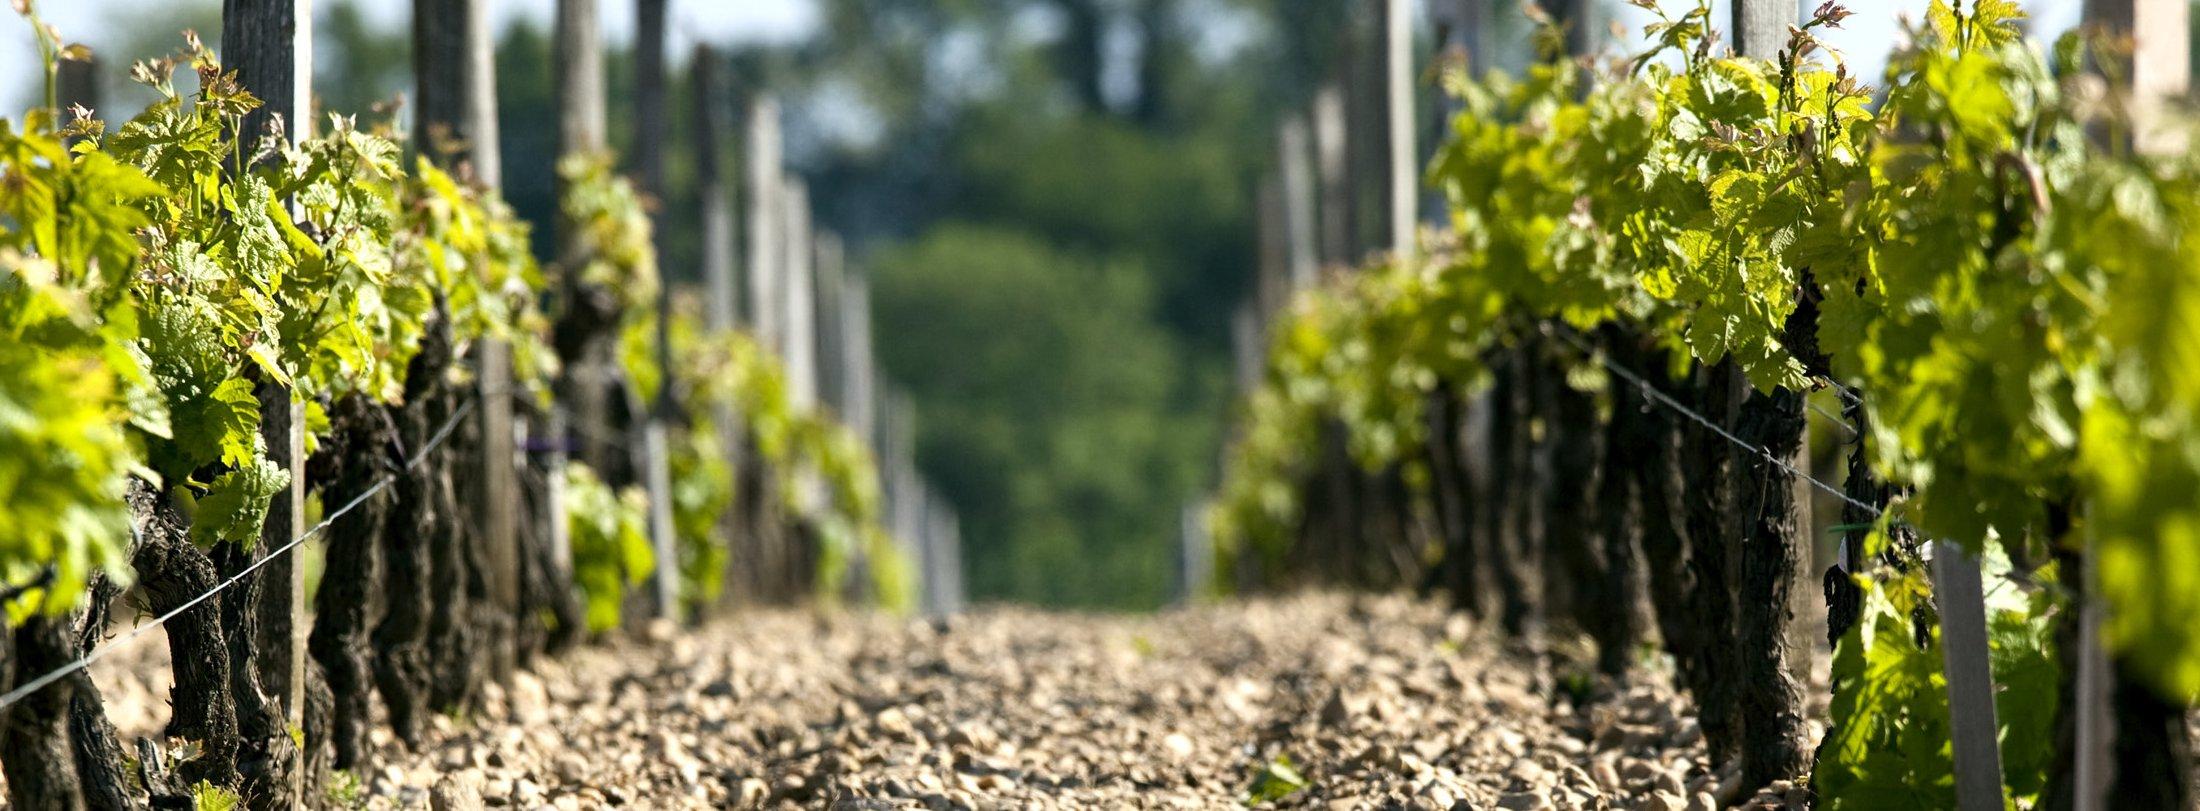 Beau domaine viticole en AOC Bordeaux Graves Sauternes Pomerol Saint Emilion